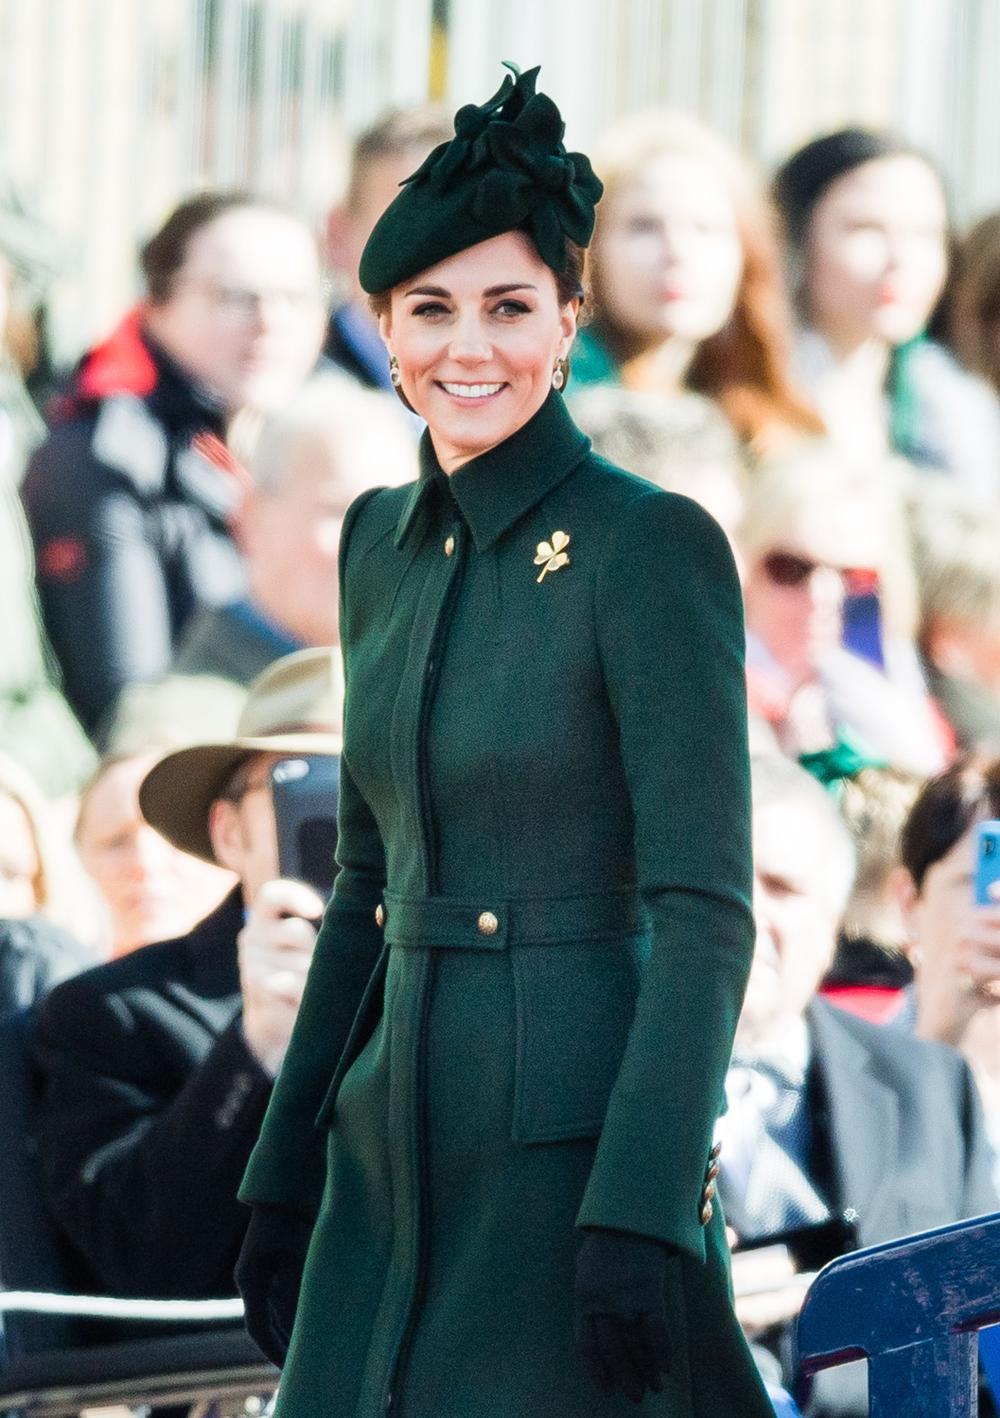 Bí ẩn tủ đồ Hoàng gia: Ý nghĩa hoa cài áo của phụ nữ Hoàng gia Anh Ảnh 12